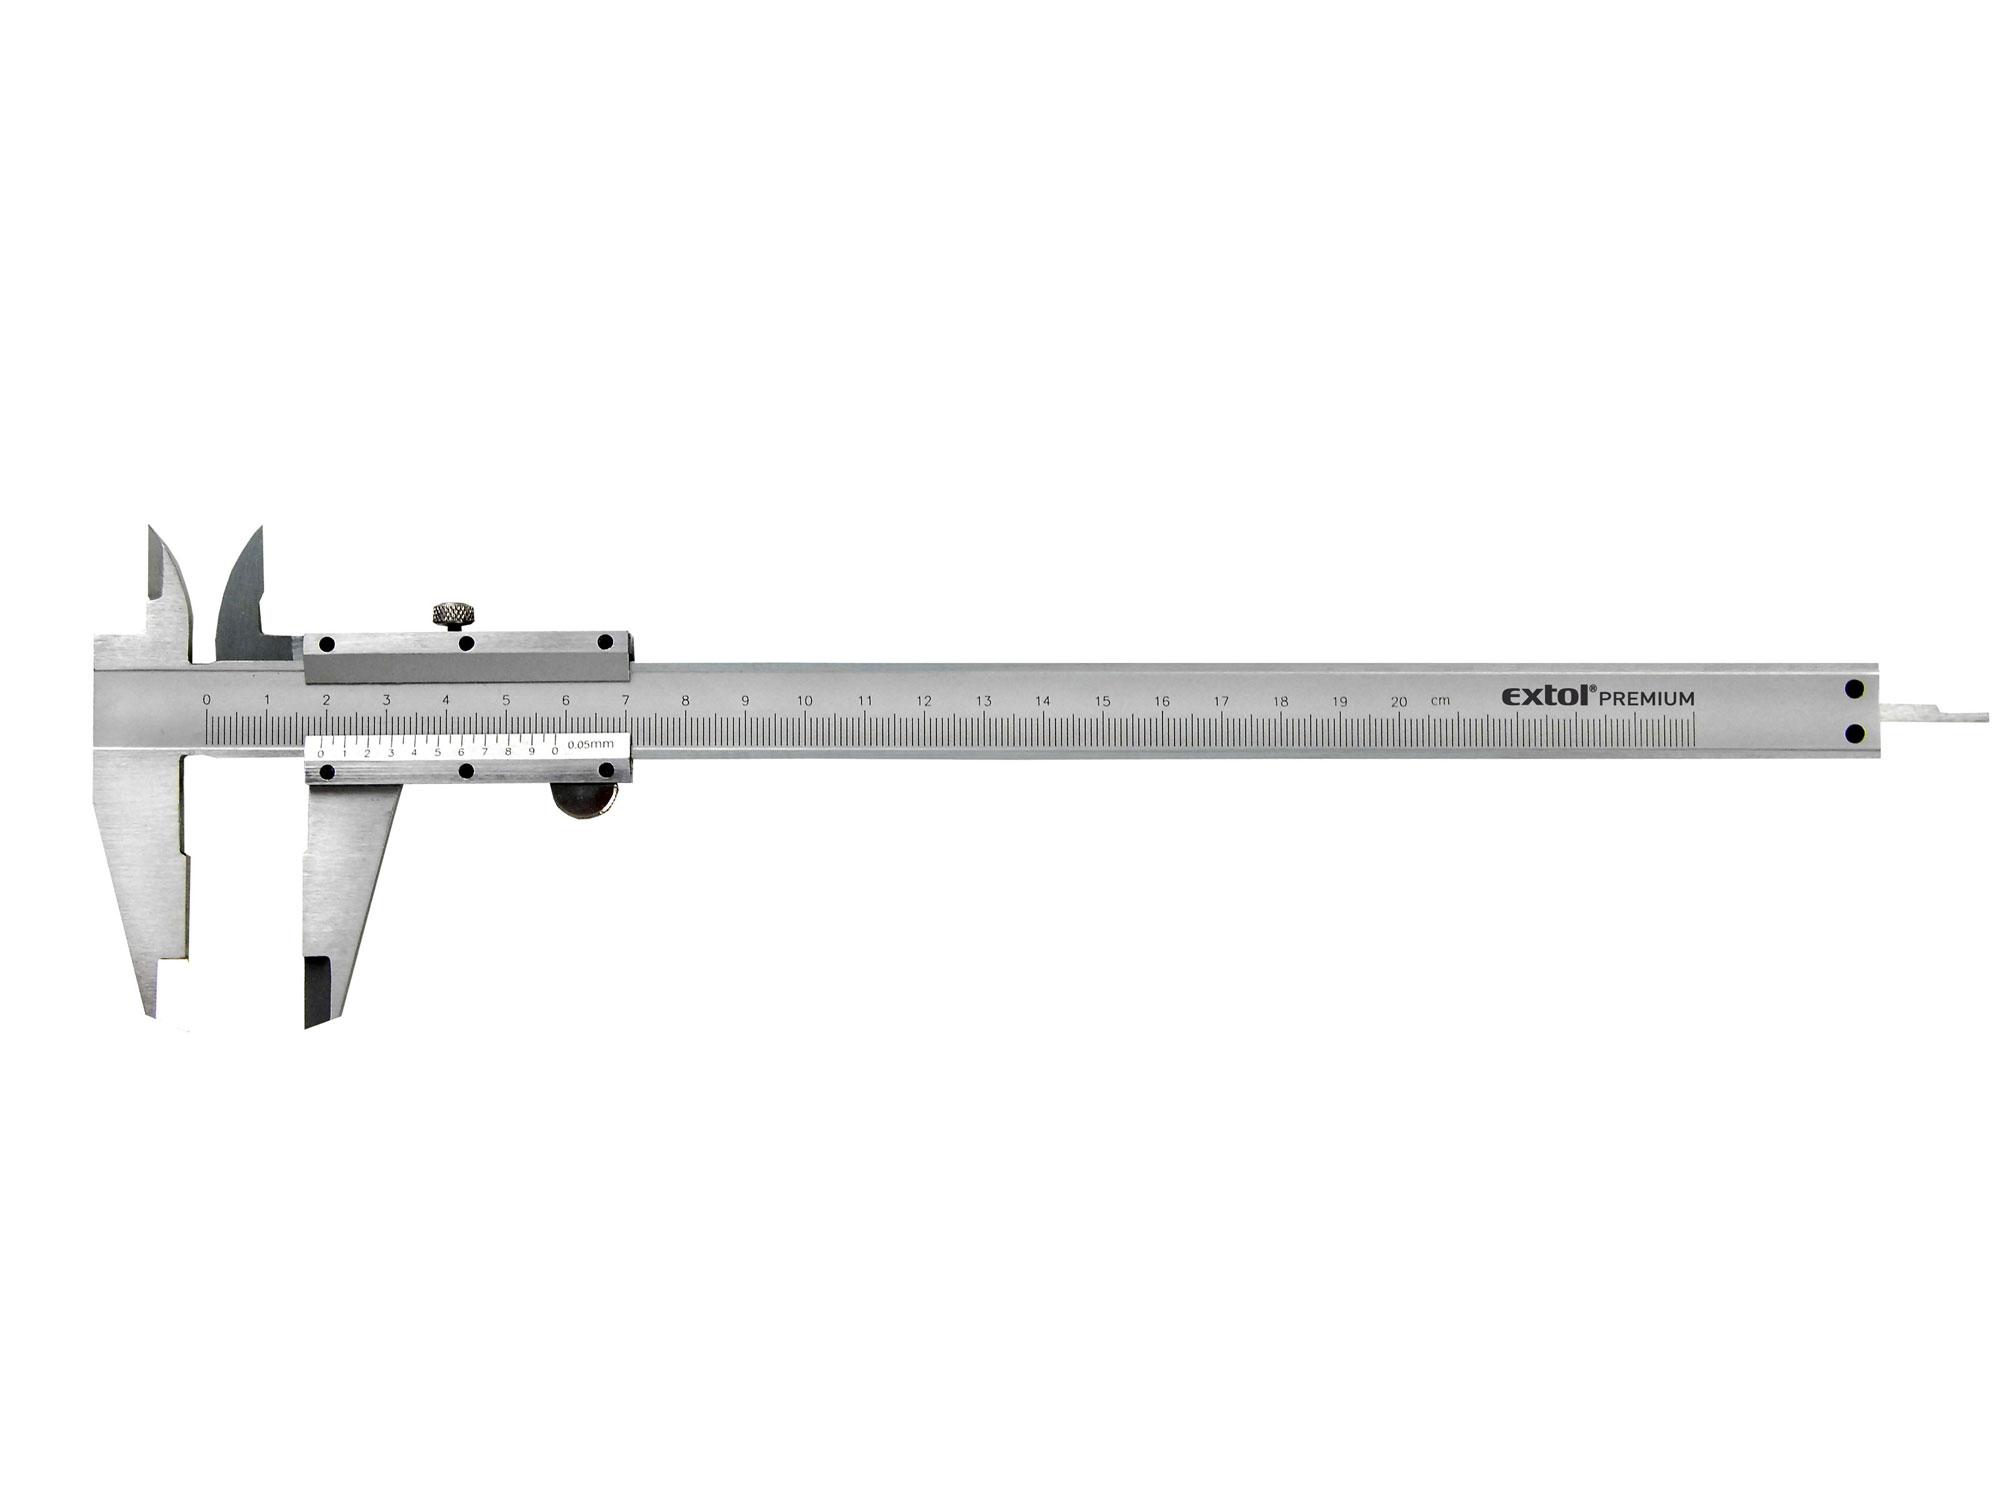 Měřítko posuvné kovové, 0-150mm EXTOL PREMIUM 3425